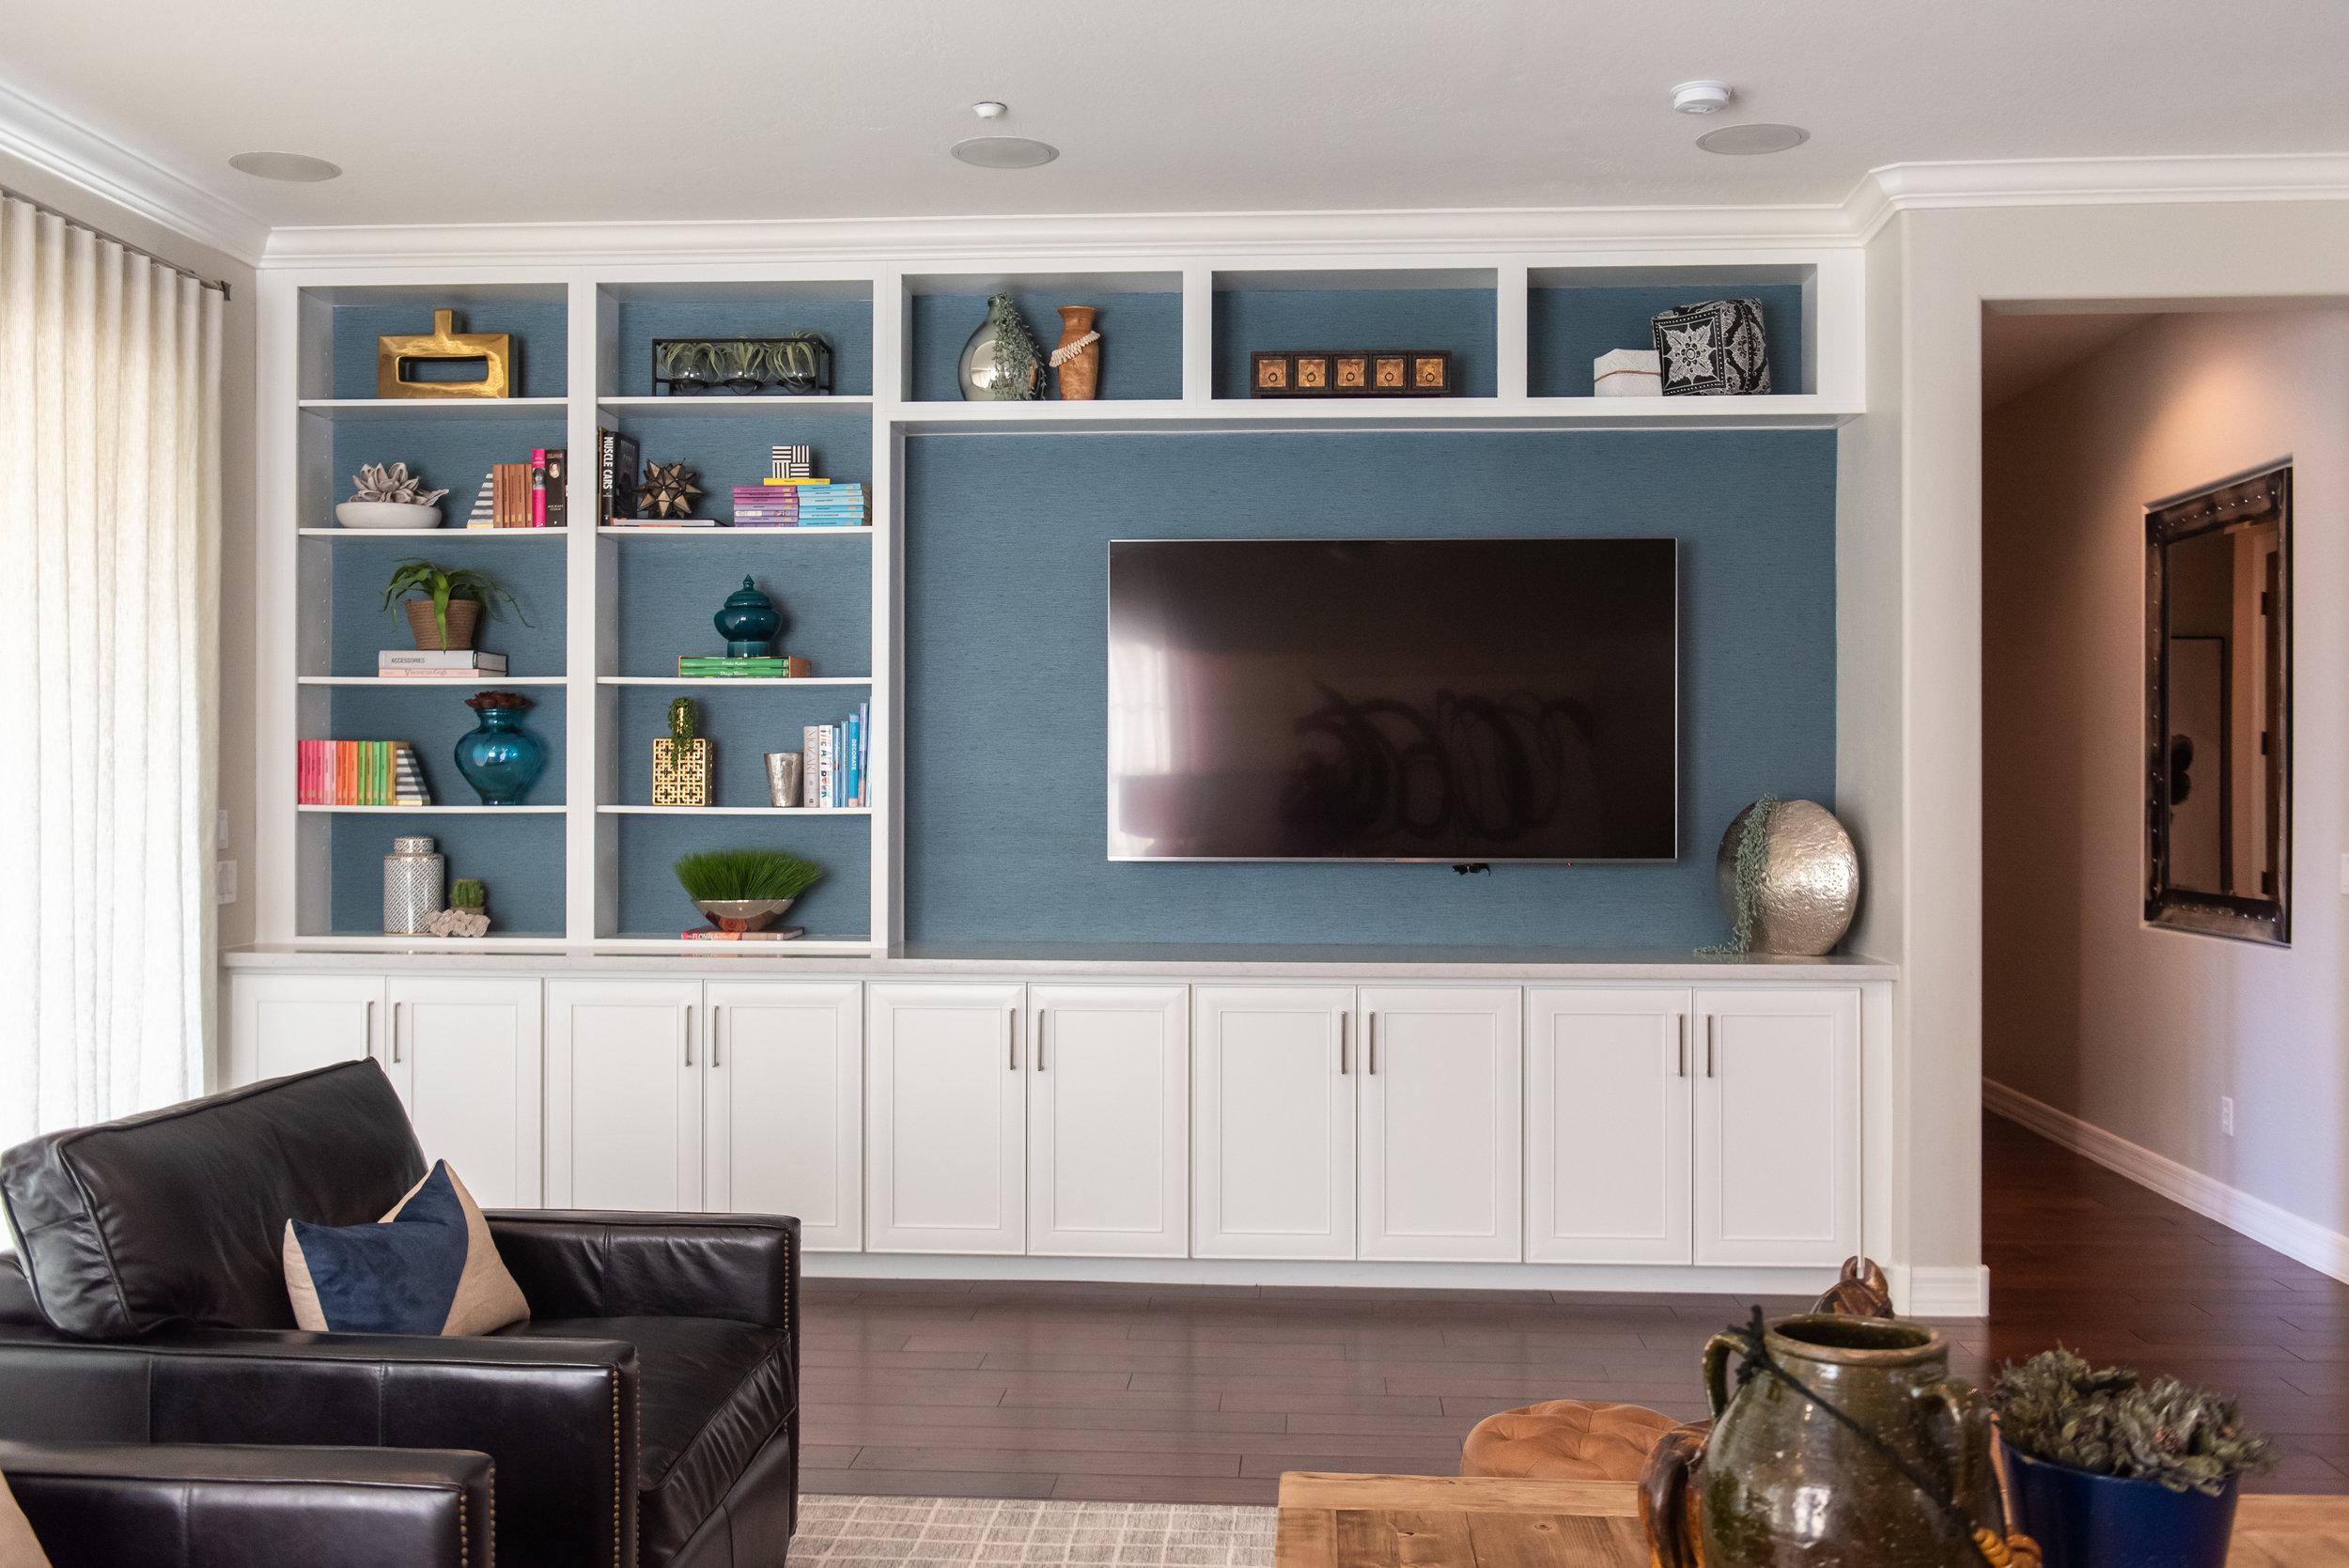 Family room +built-ins +mediawall +grasscloth +wallpaper +vase +books.jpg